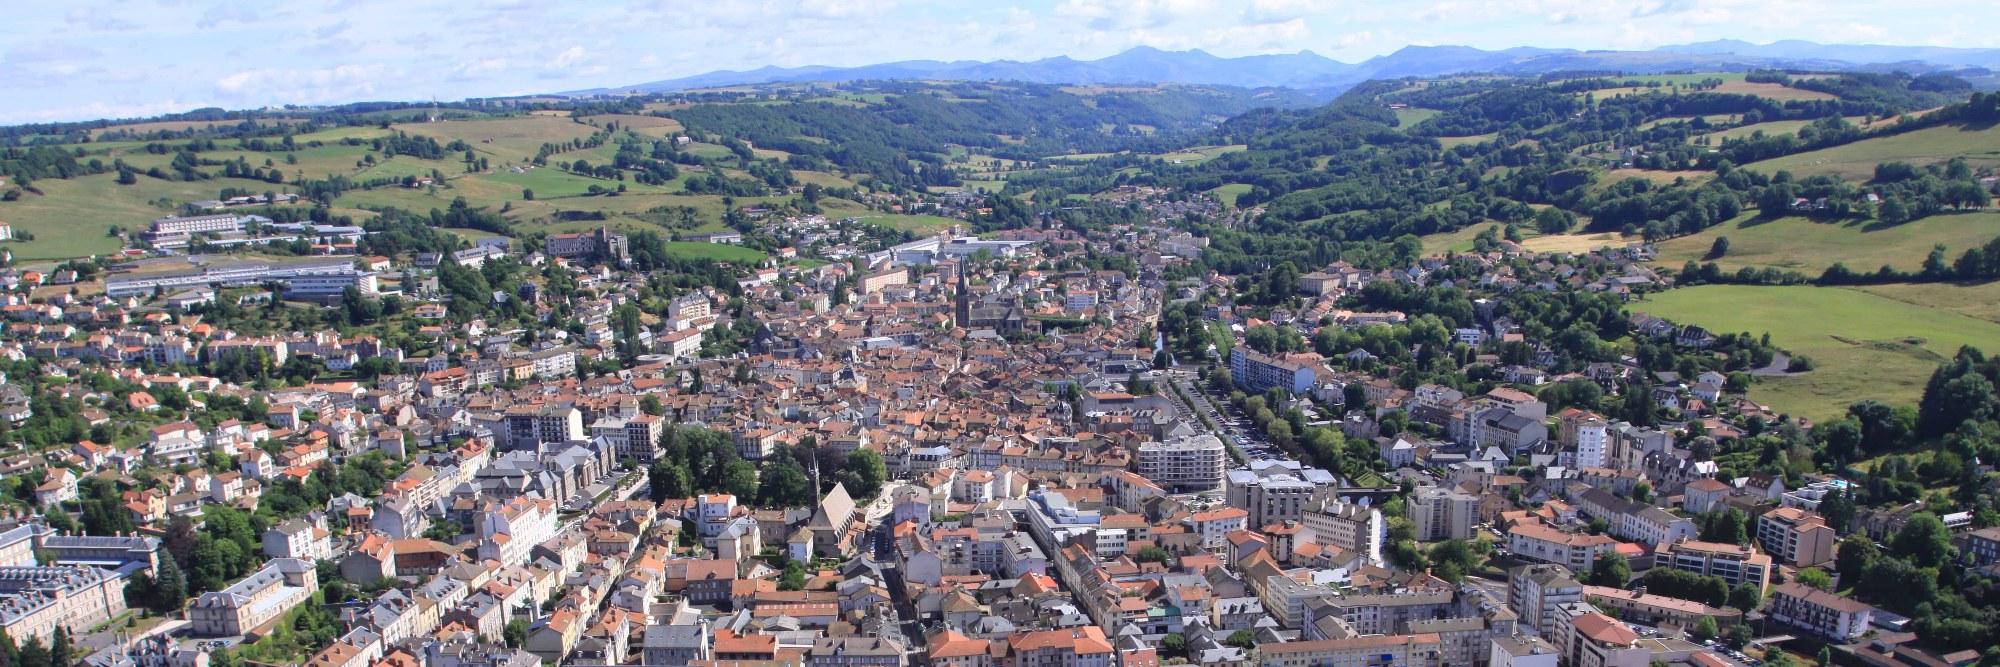 Vue sur Aurillac - Cantal - Qualys Aurillac Saint-Pierre